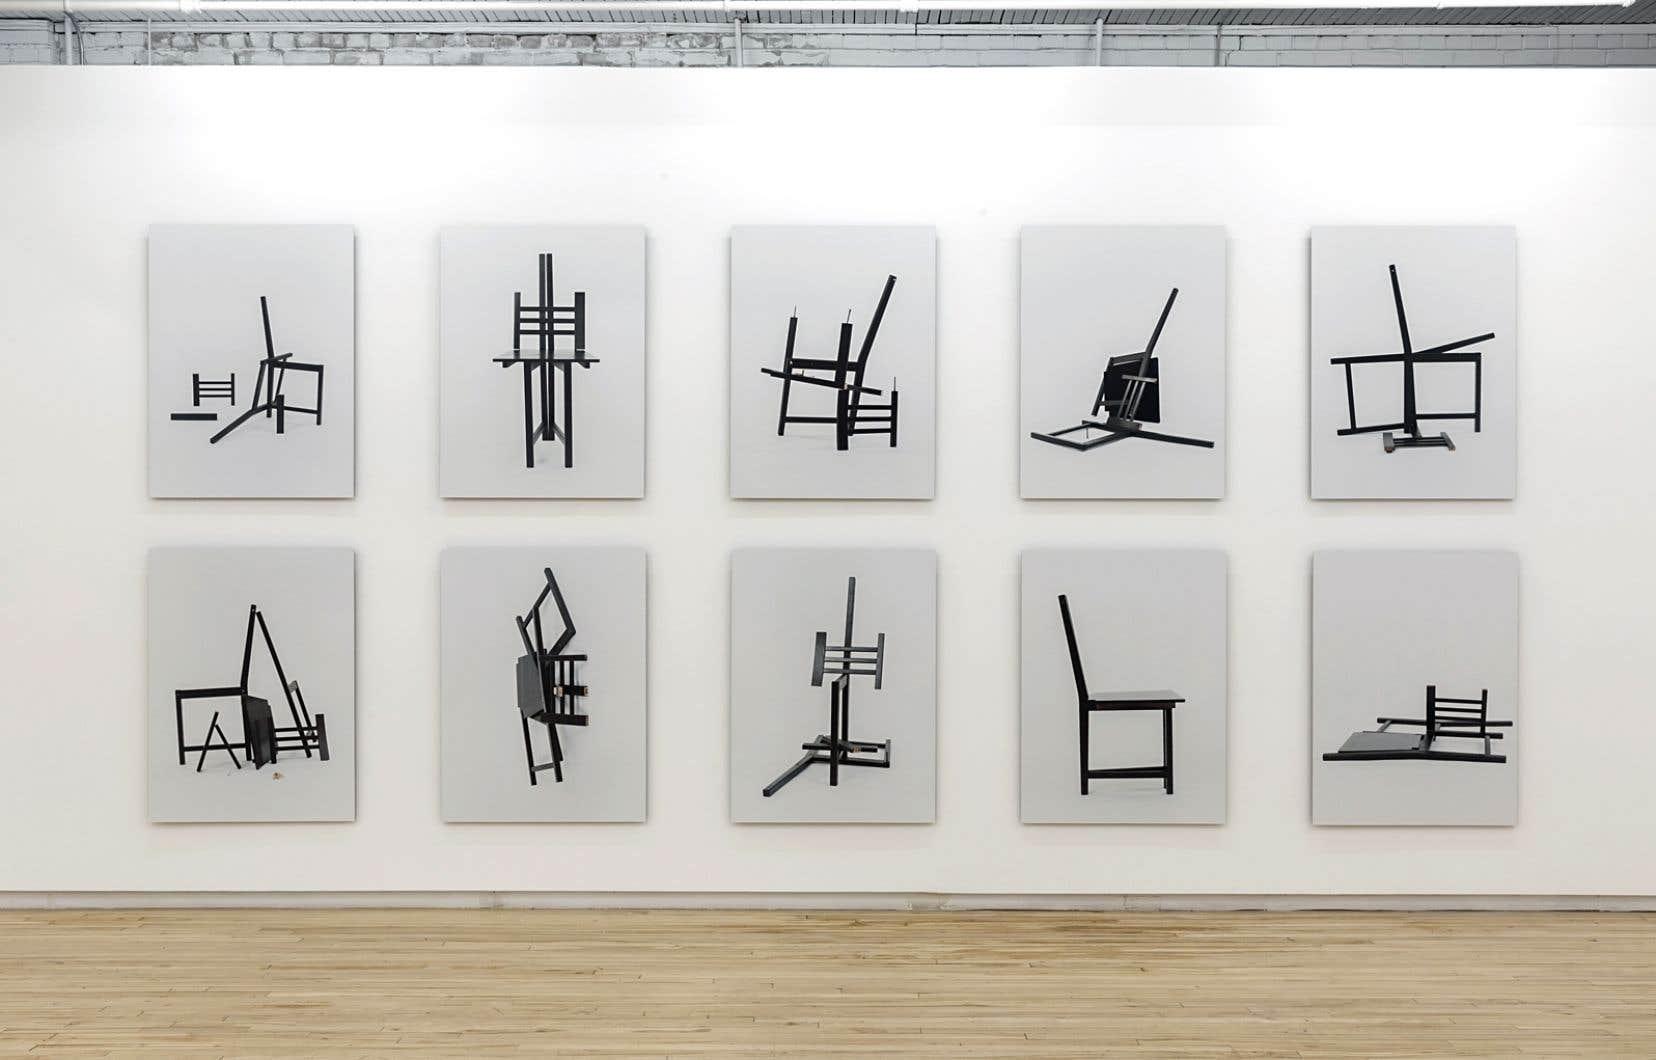 La série Two-minute sculptures, de Jacinthe Lessard-L., est faite de photographies de sculptures improvisées, réalisées avec des éléments de meubles modulaires à construire soi-même, tâche que l'artiste a confiée à diverses personnes. Ready-made revisité dans lequel on peut voir une critique de la mondialisation actuelle des goûts.